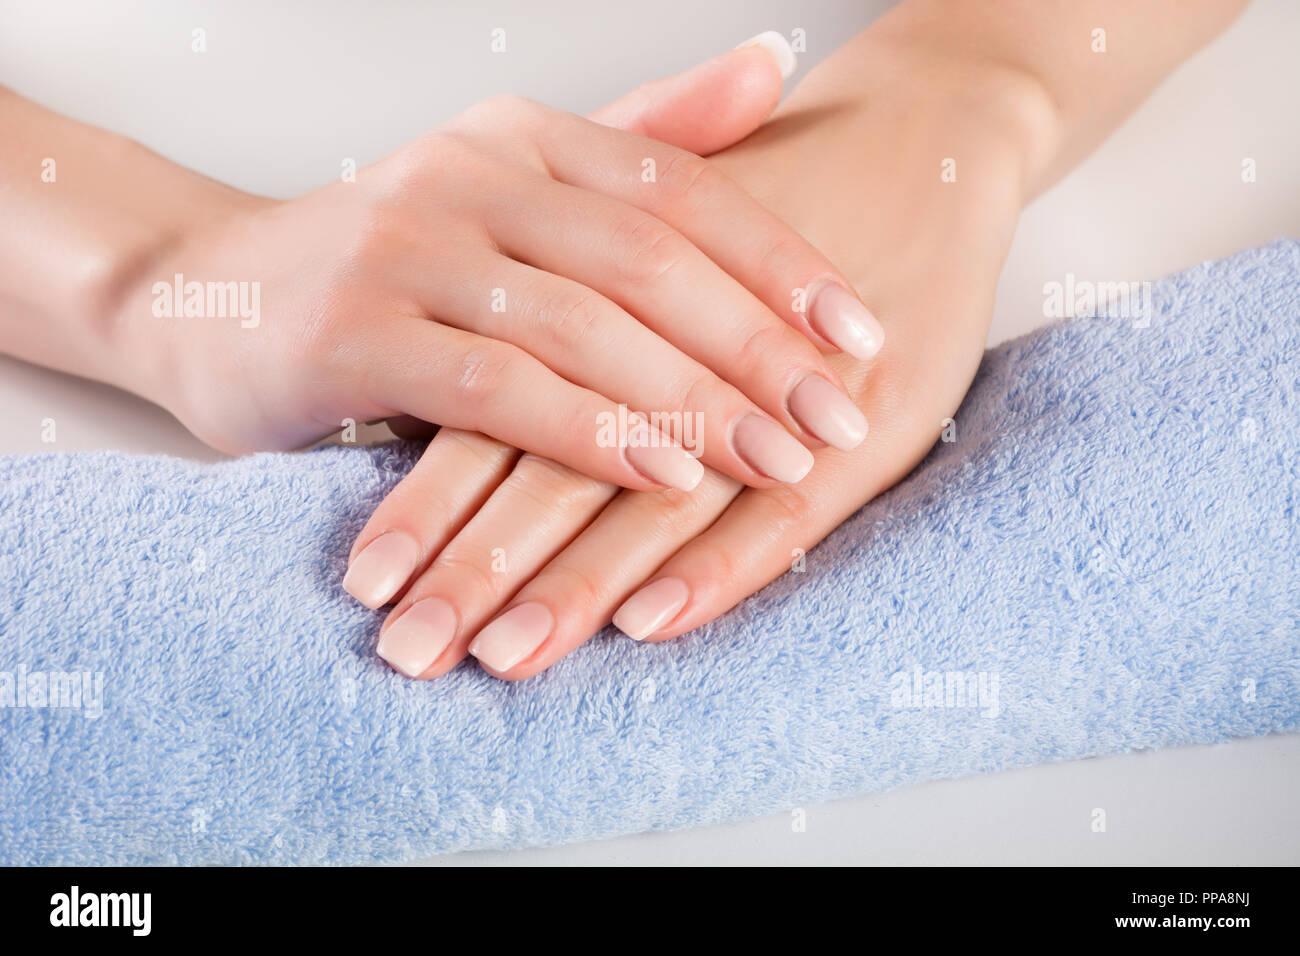 Ombre French Nagel Auf Frau Hande Auf Blau Sanft Mit Einem Handtuch